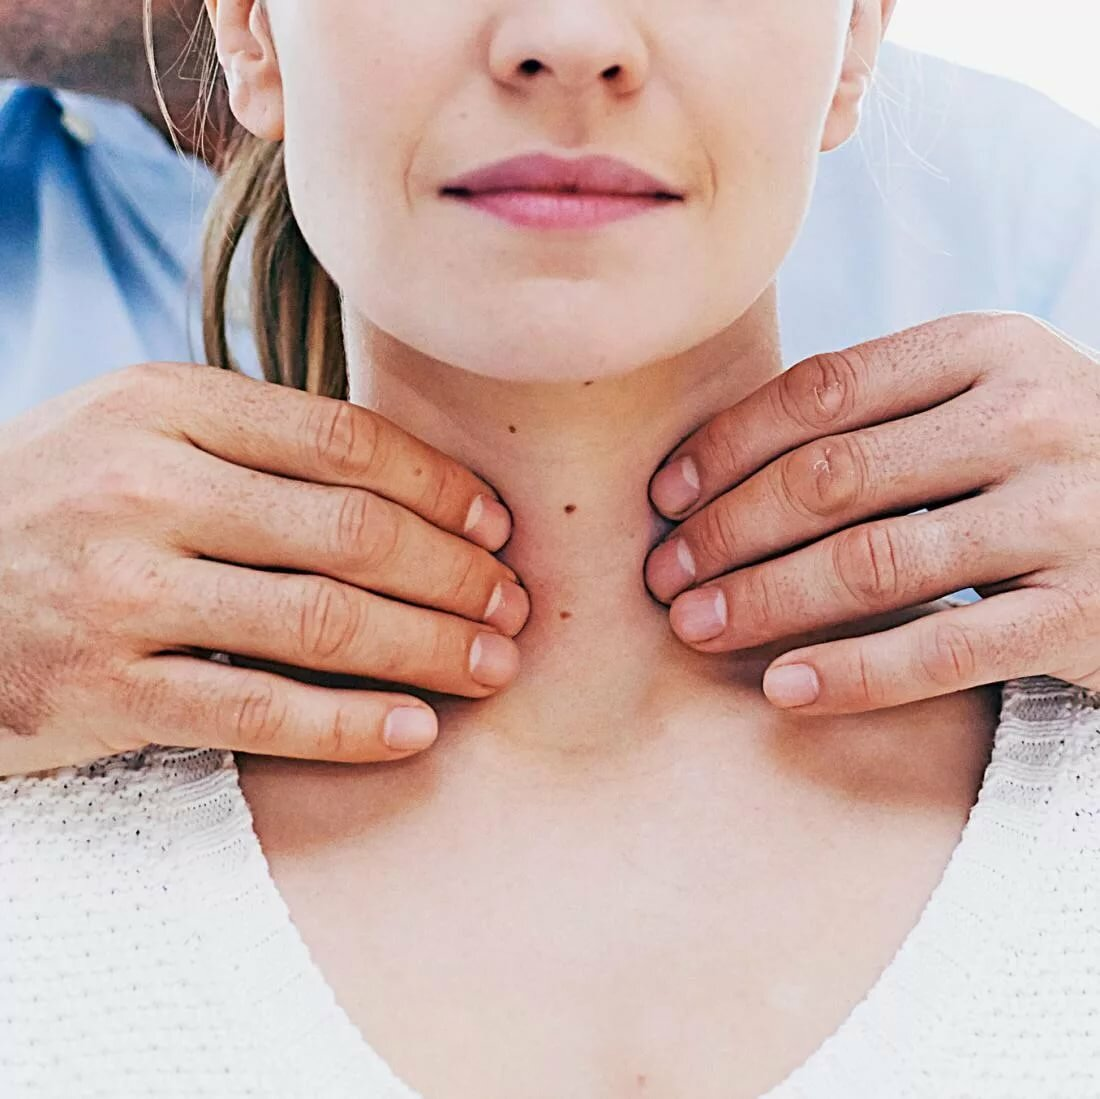 Похудение При Проблемах С Щитовидкой. Эффективная диета для похудения при щитовидке